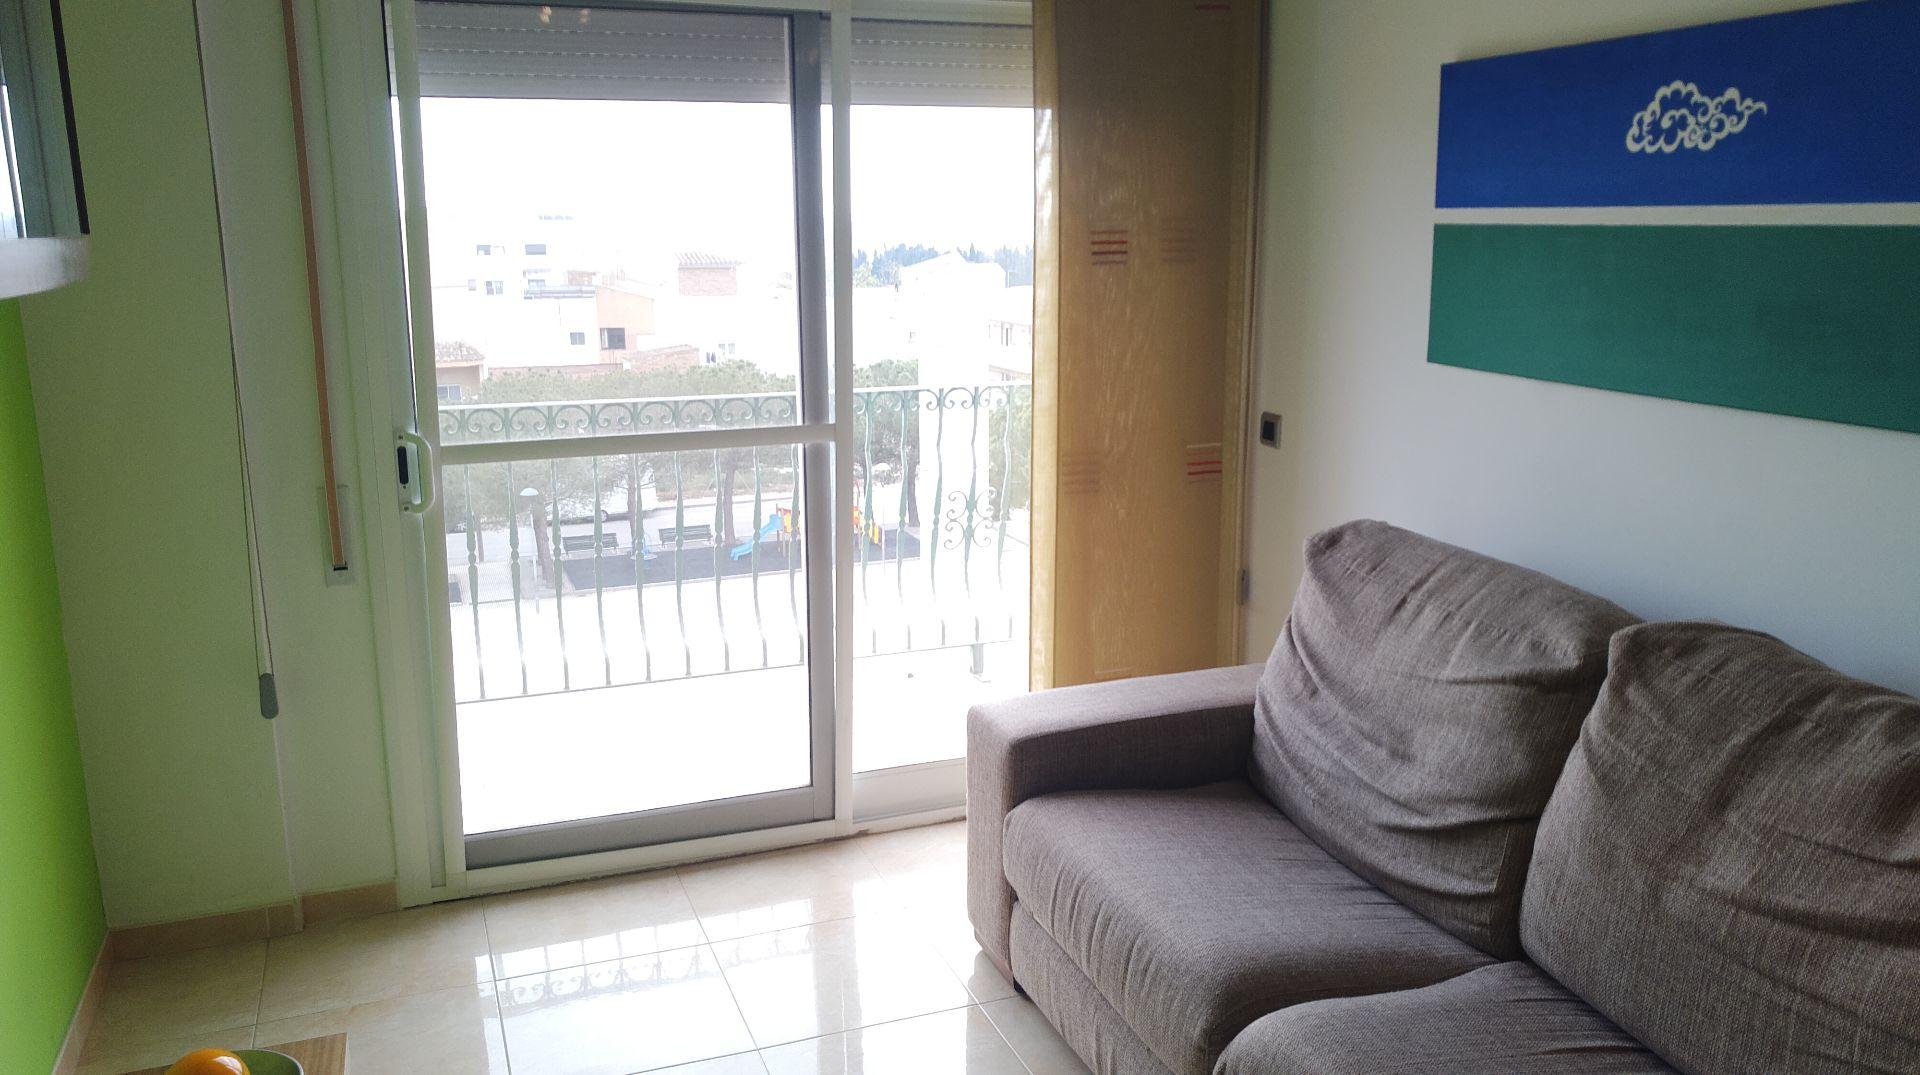 Alquiler Piso  Calle sis. Precioso apartamento con vistas al delta del ebro